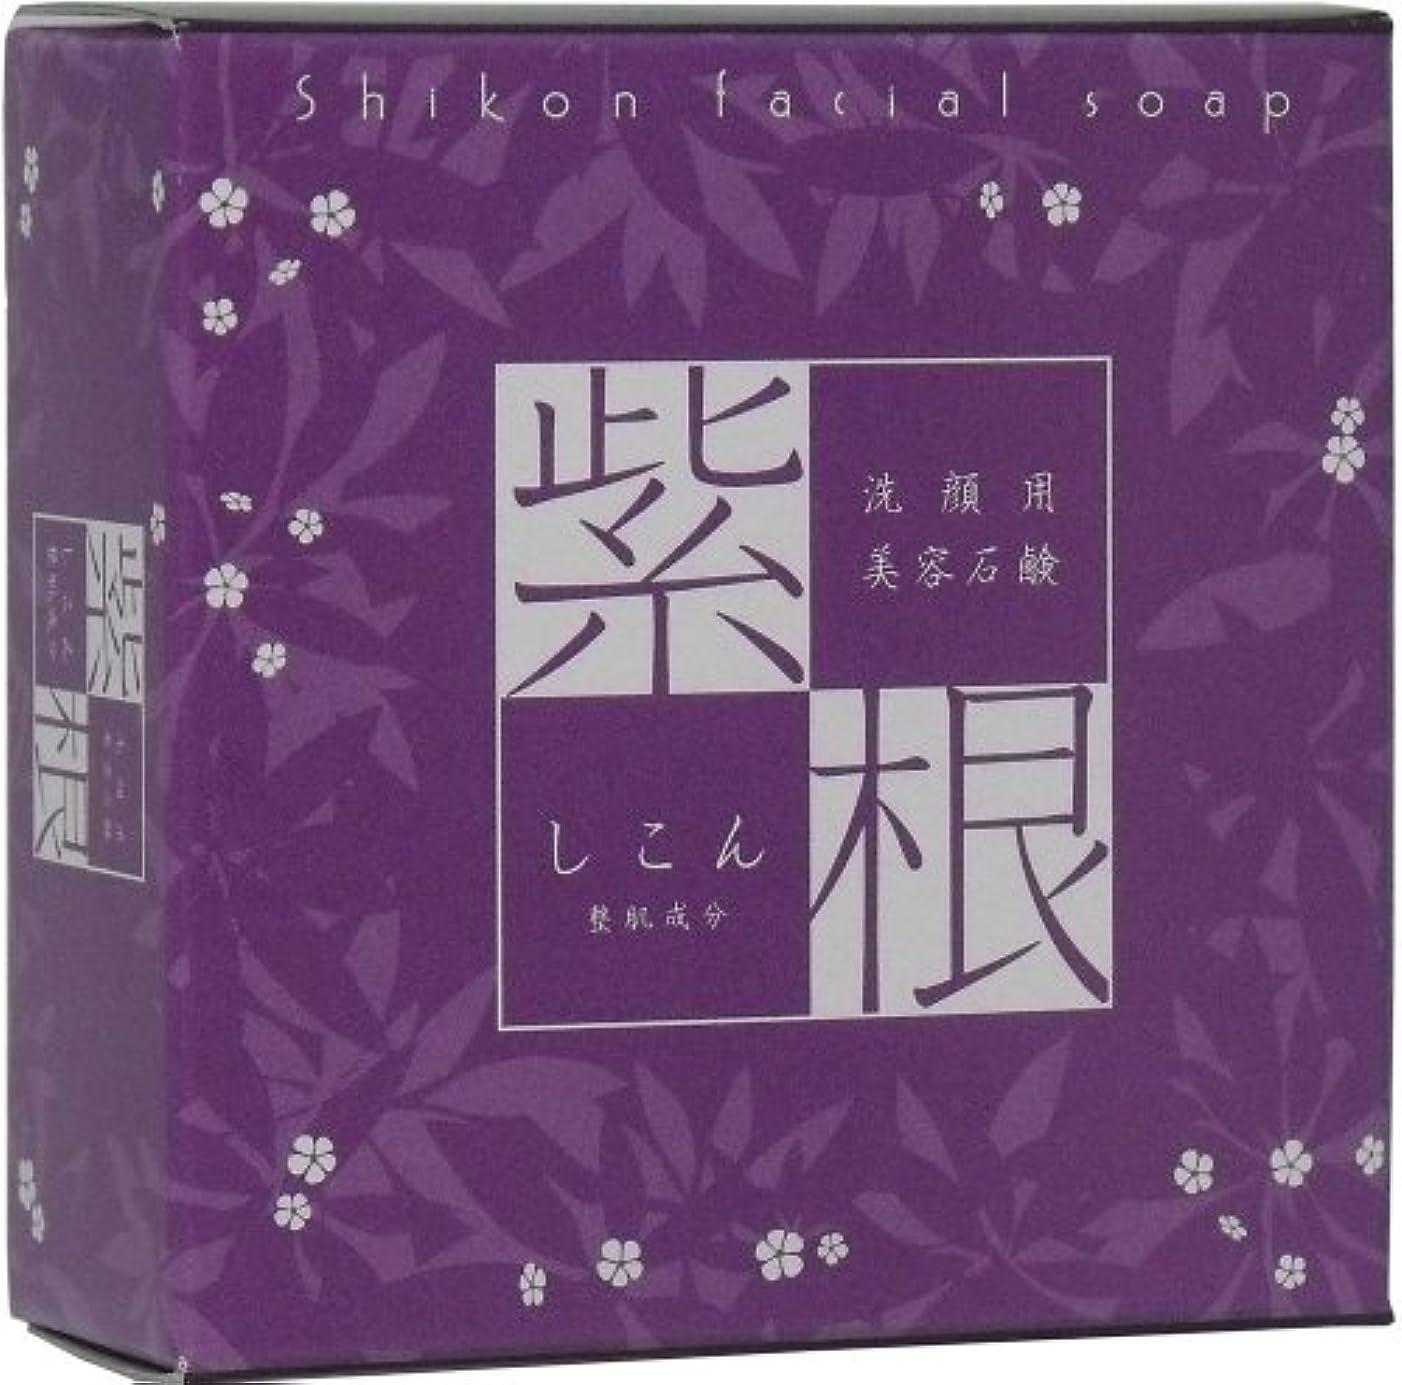 まもなくソフィー版洗顔用 紫根石けん (泡立てネット付き) 100g